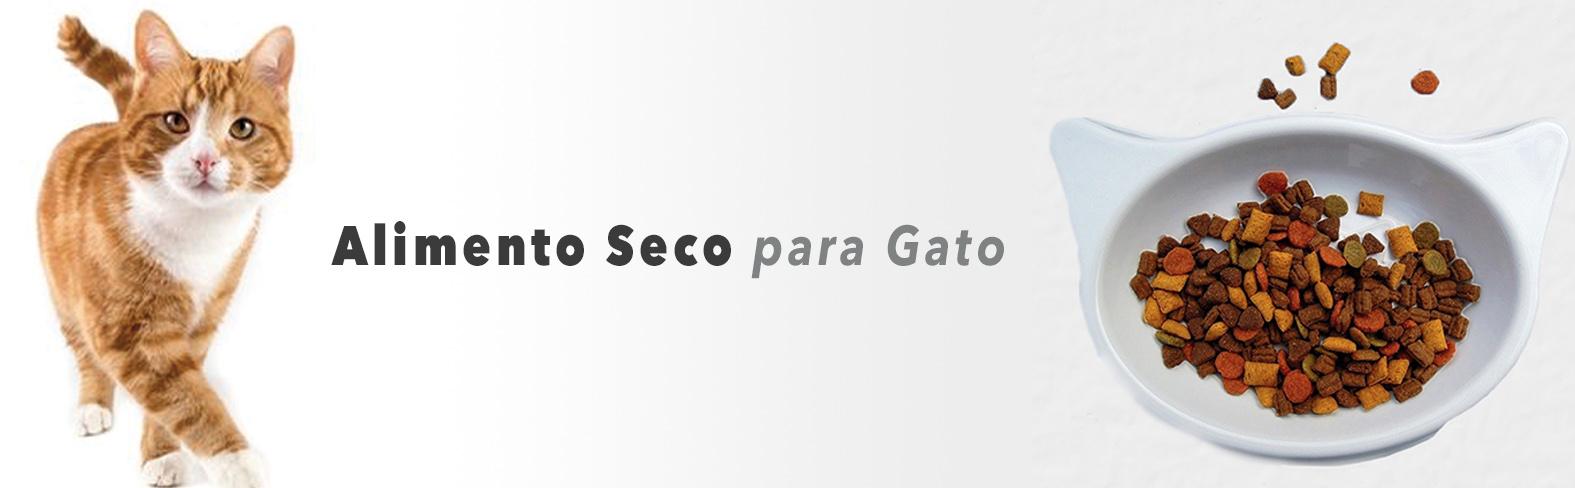 CATEGORIA GATO ALIMENTO SECO web.jpg